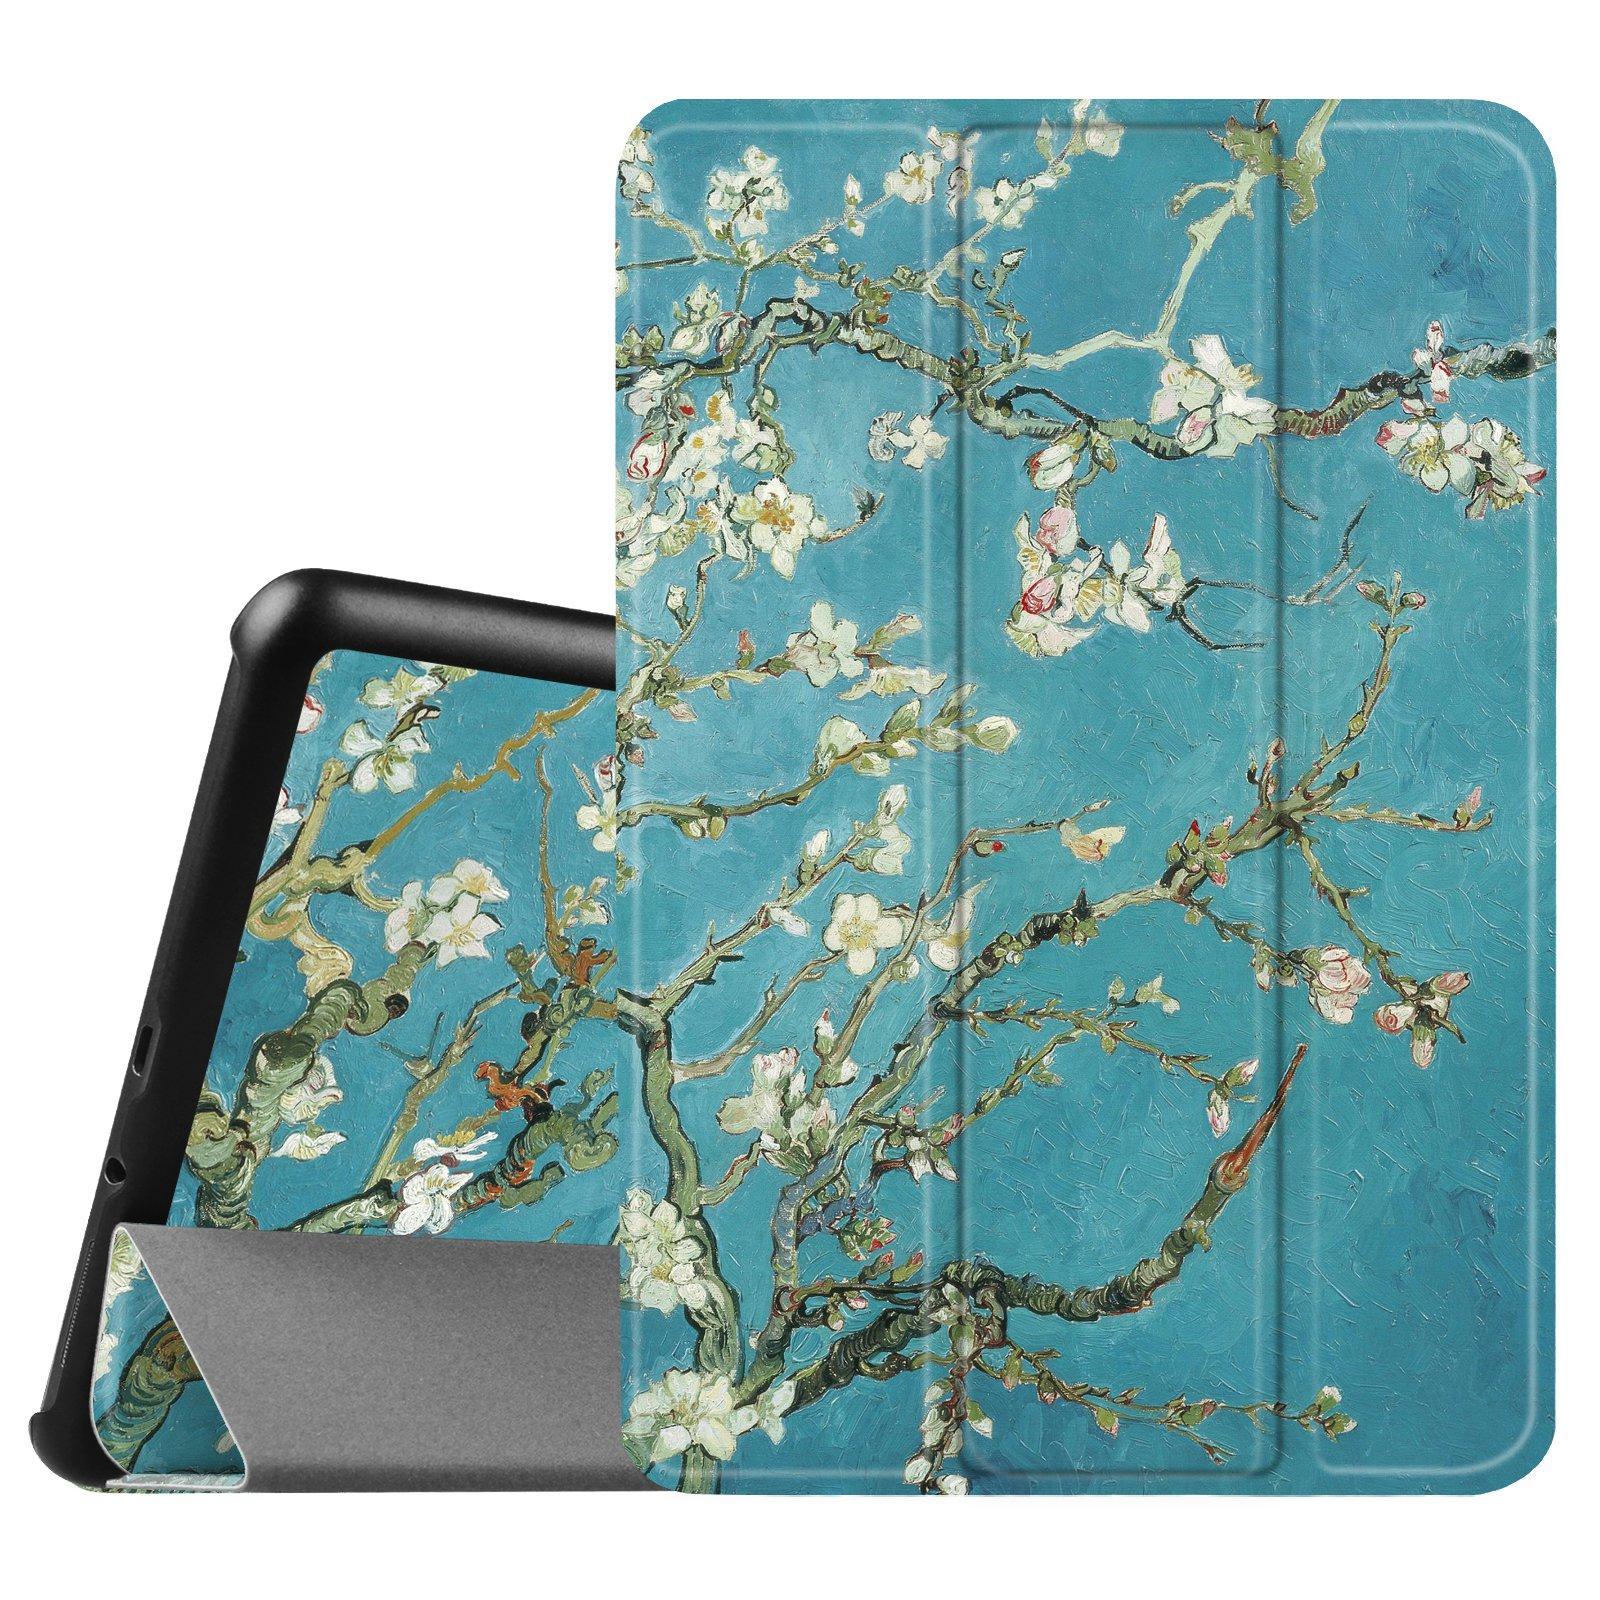 Funda Samsung Galaxy Tab A 8.0 (2015) FINTIE [1M5J8M6P]